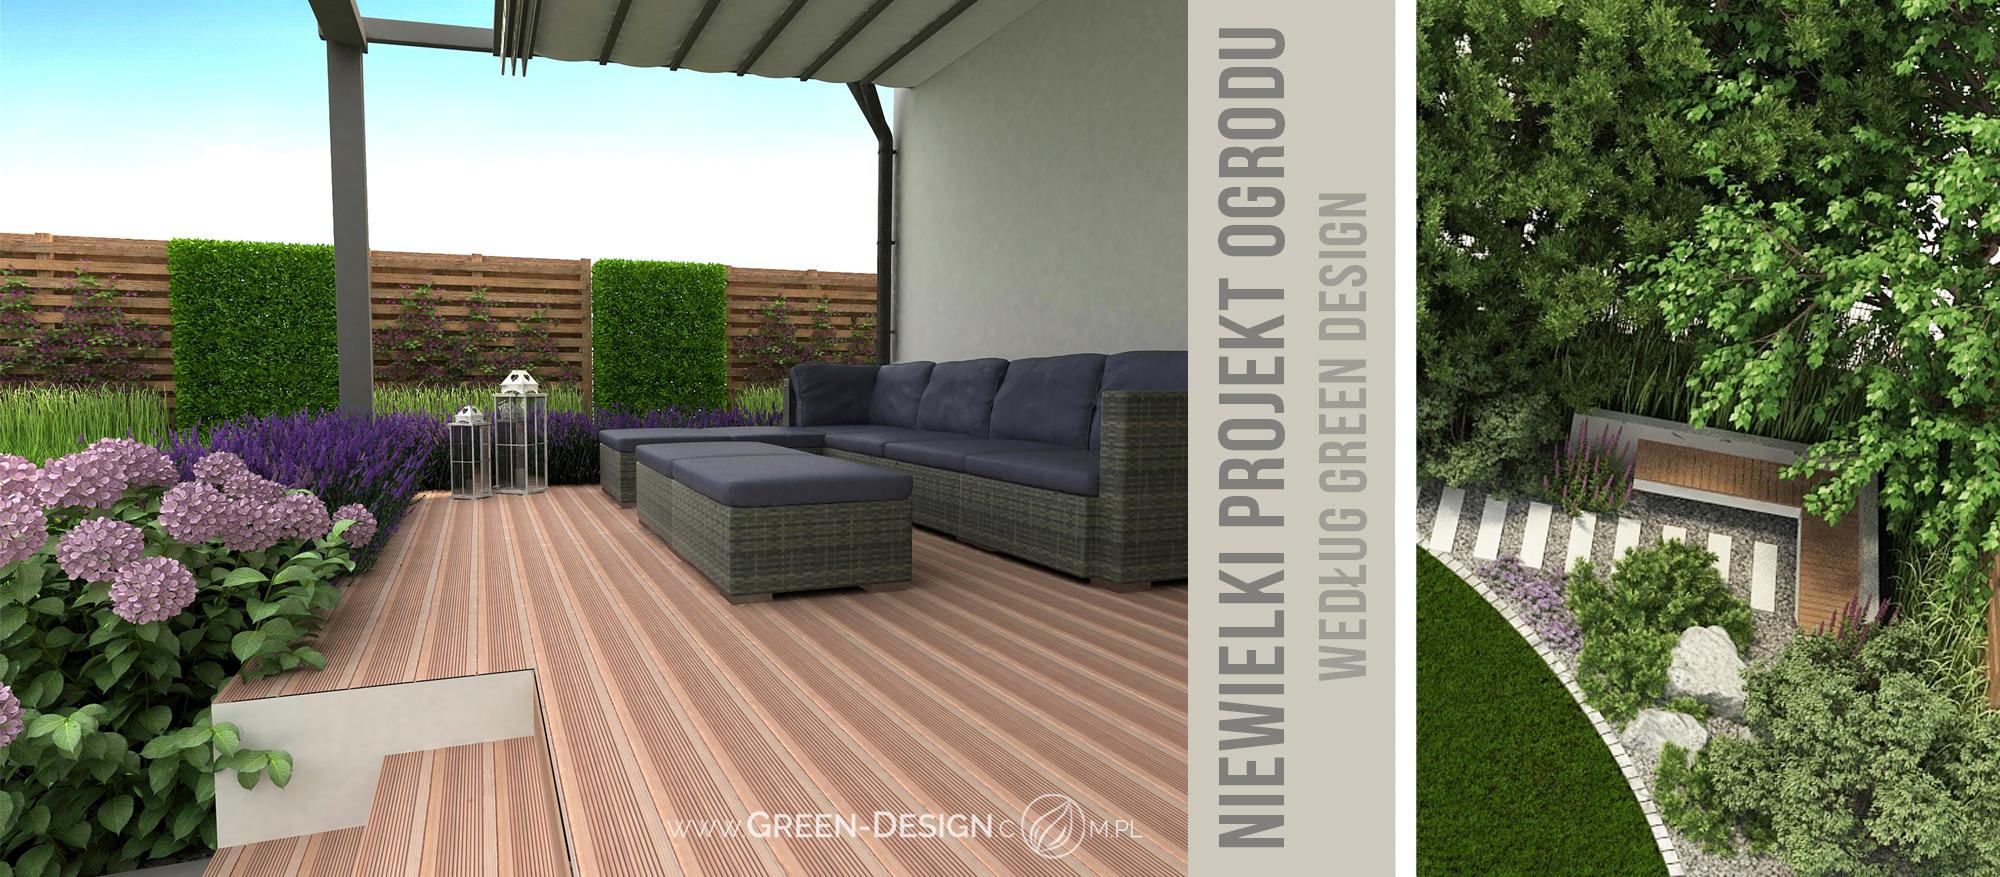 green-design-blog_niewielki-ogrod-przydomowy_cover_photo_2